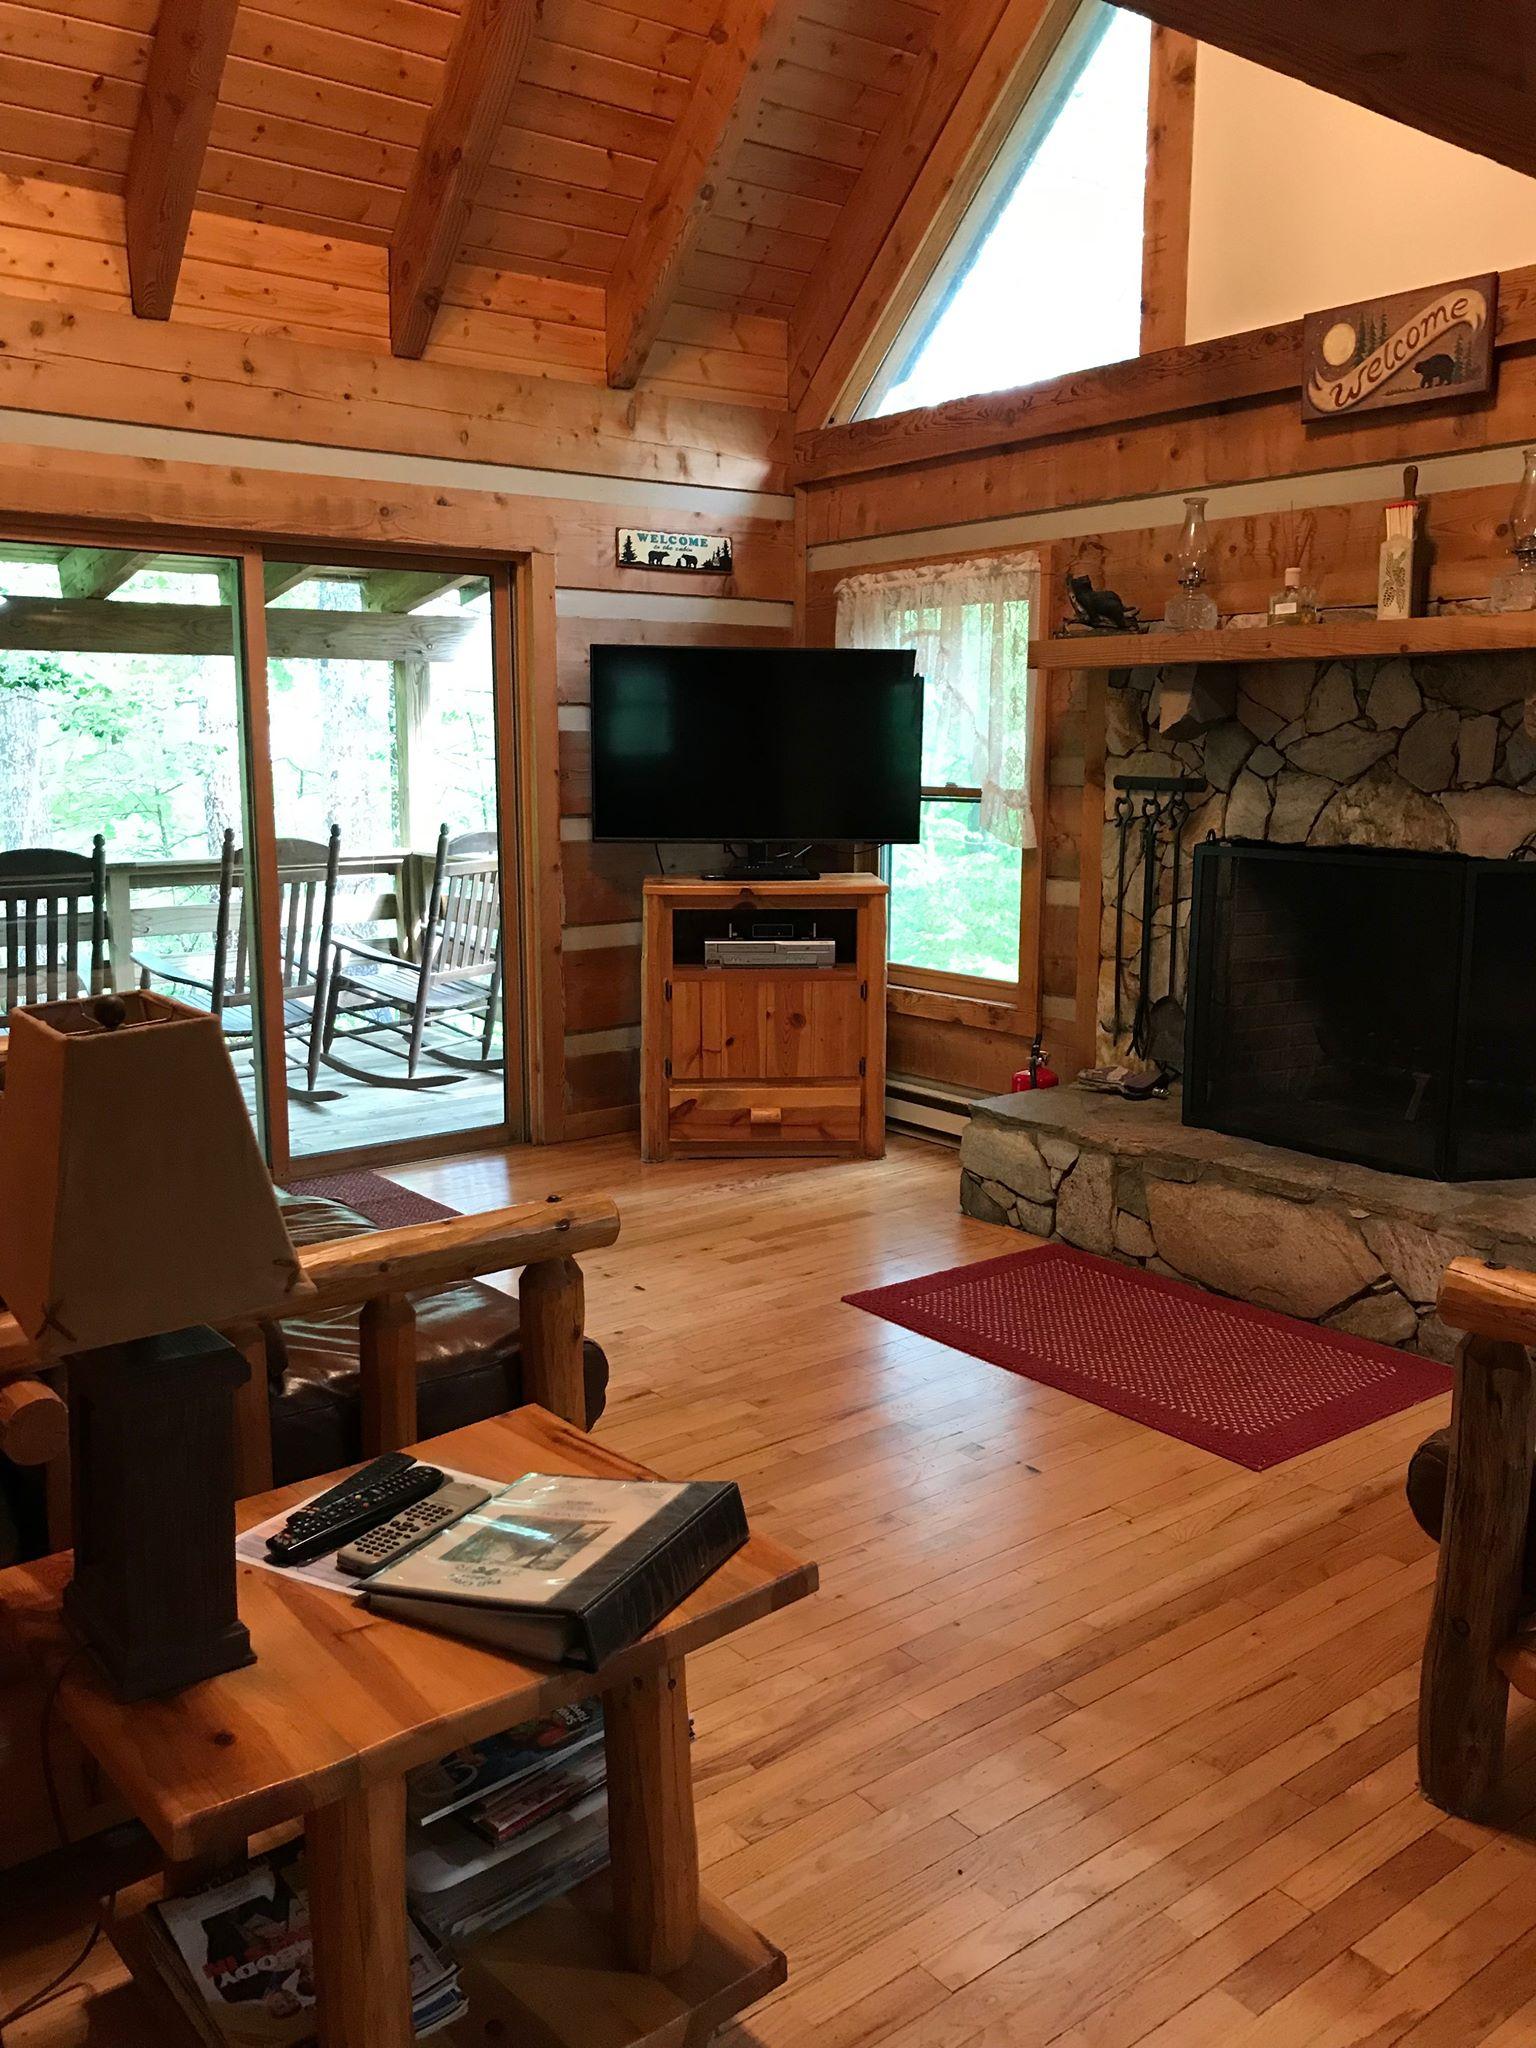 New TV_PC_Living Room 7.jpg